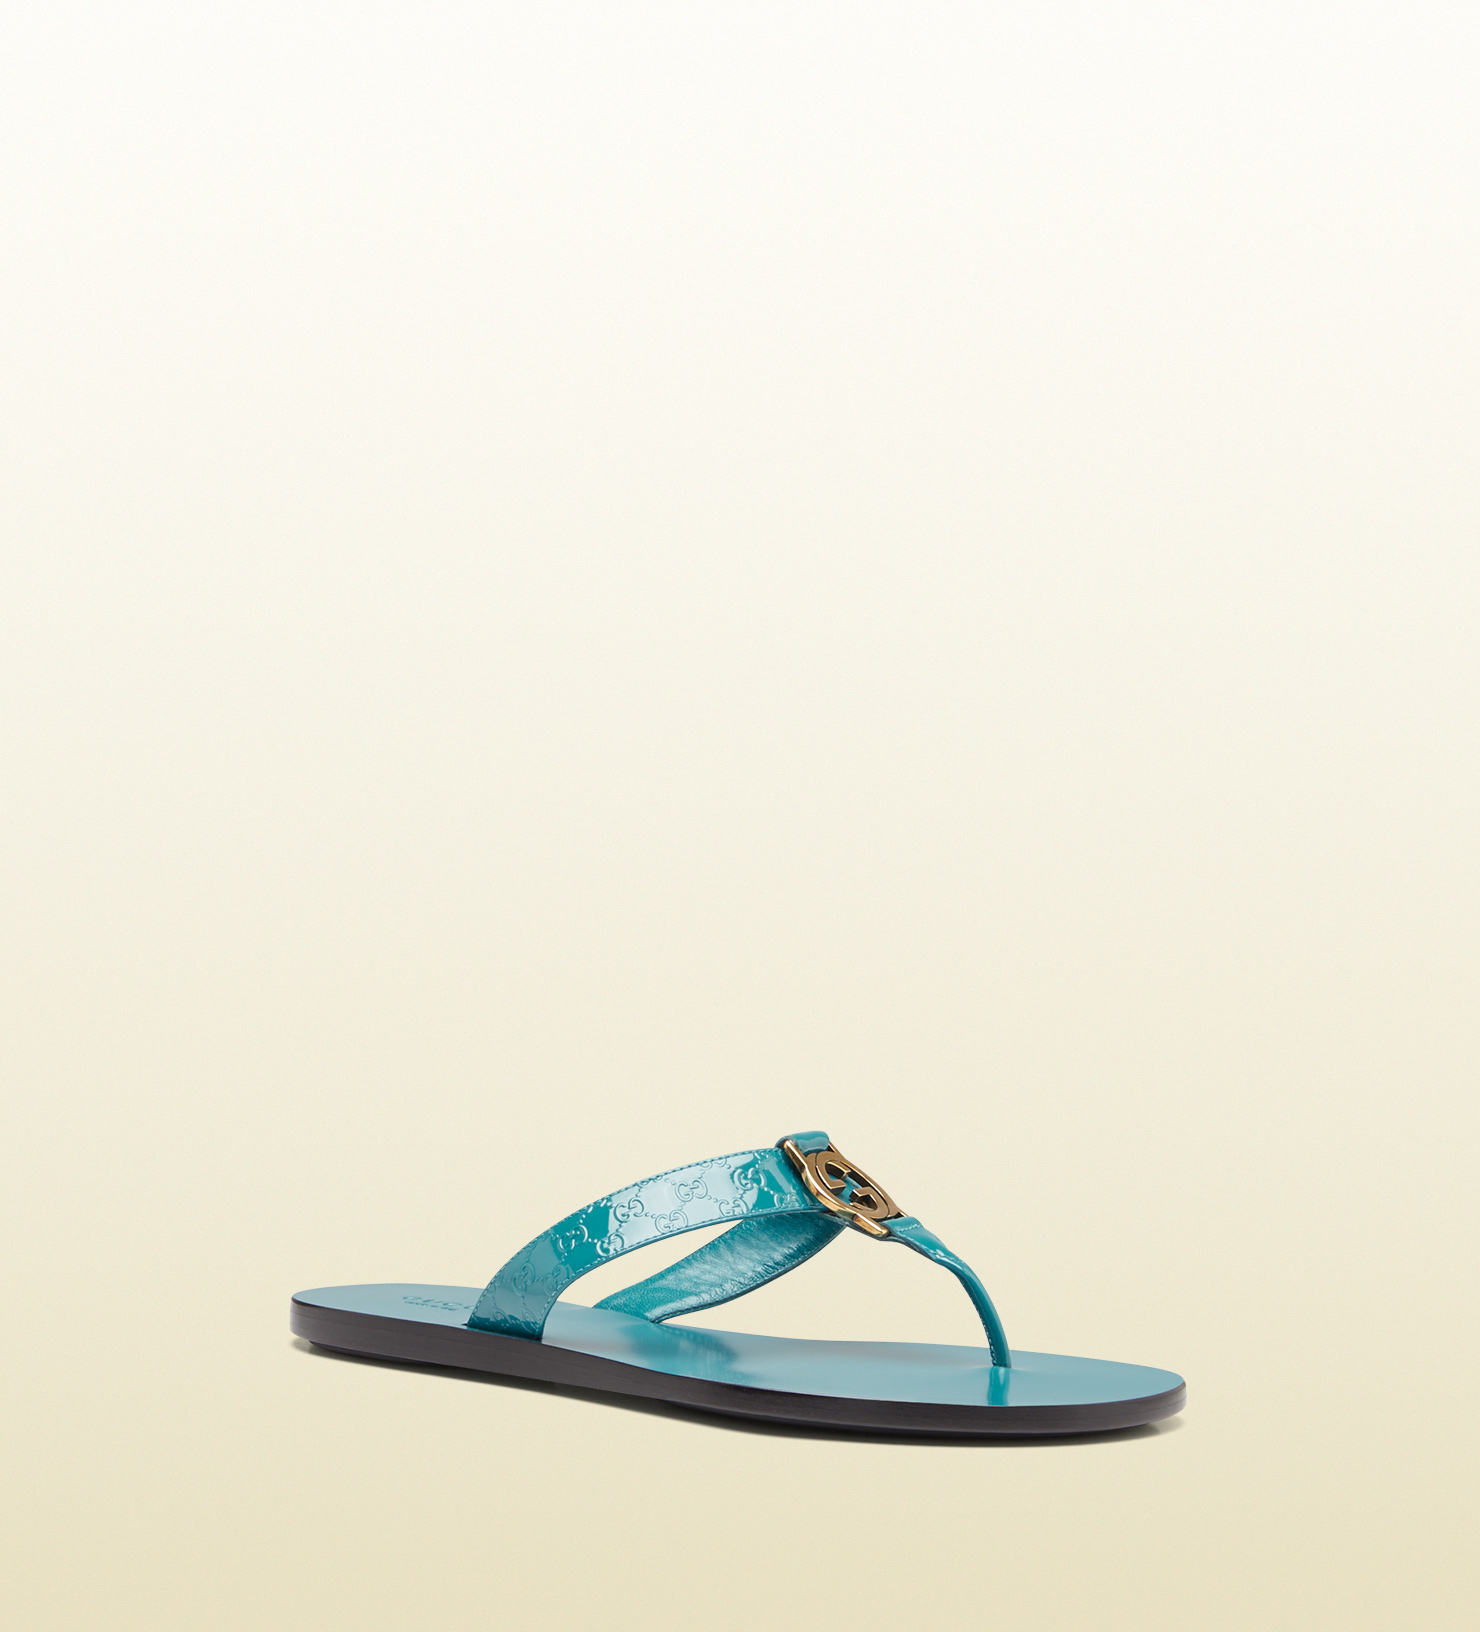 e06479b26da5 Lyst - Gucci Gg Thong Patent Leather Sandal in Blue